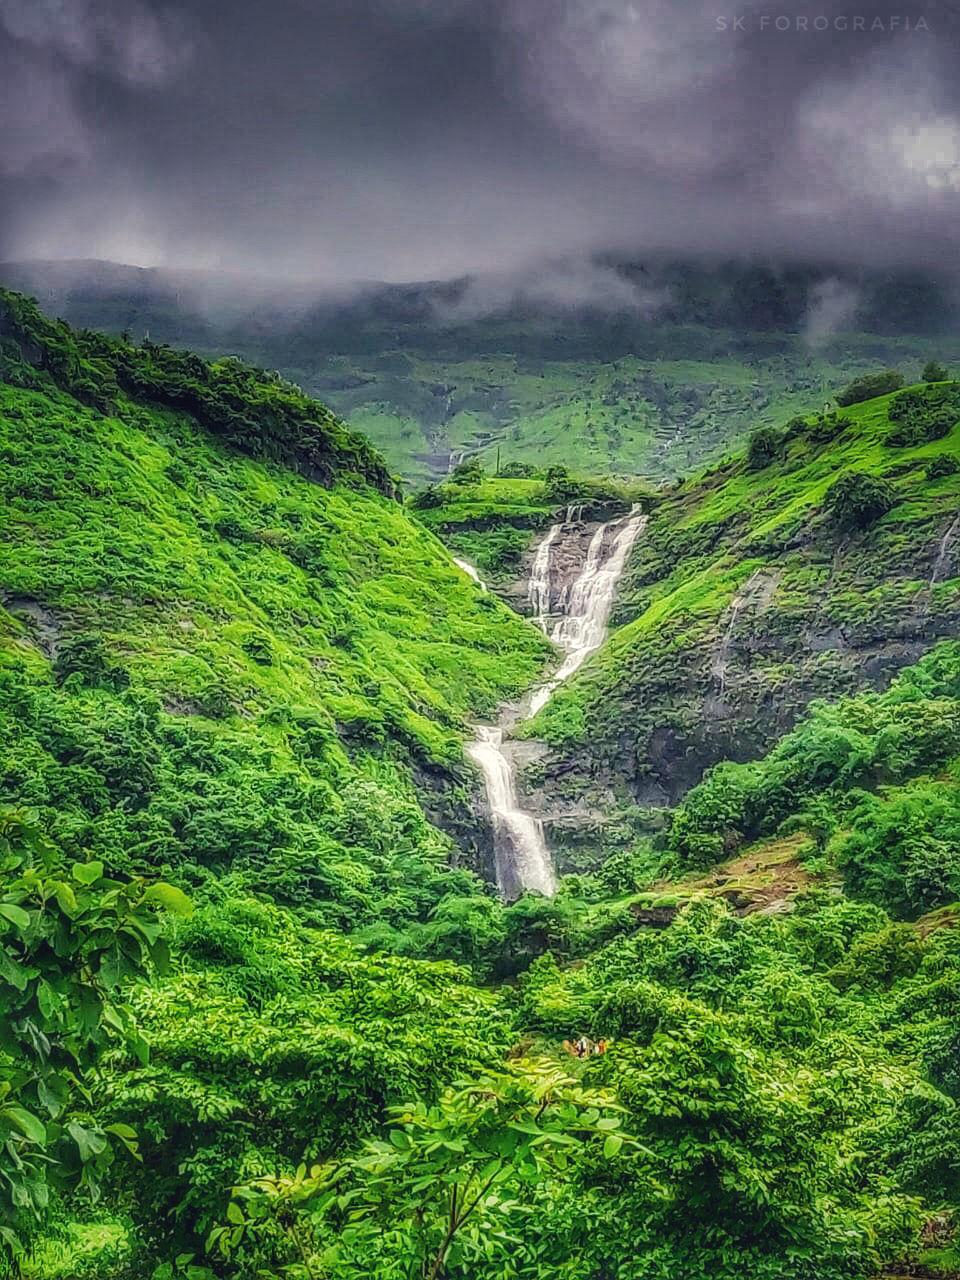 Photo of Bhivpuri waterfalls By Suhel Khan